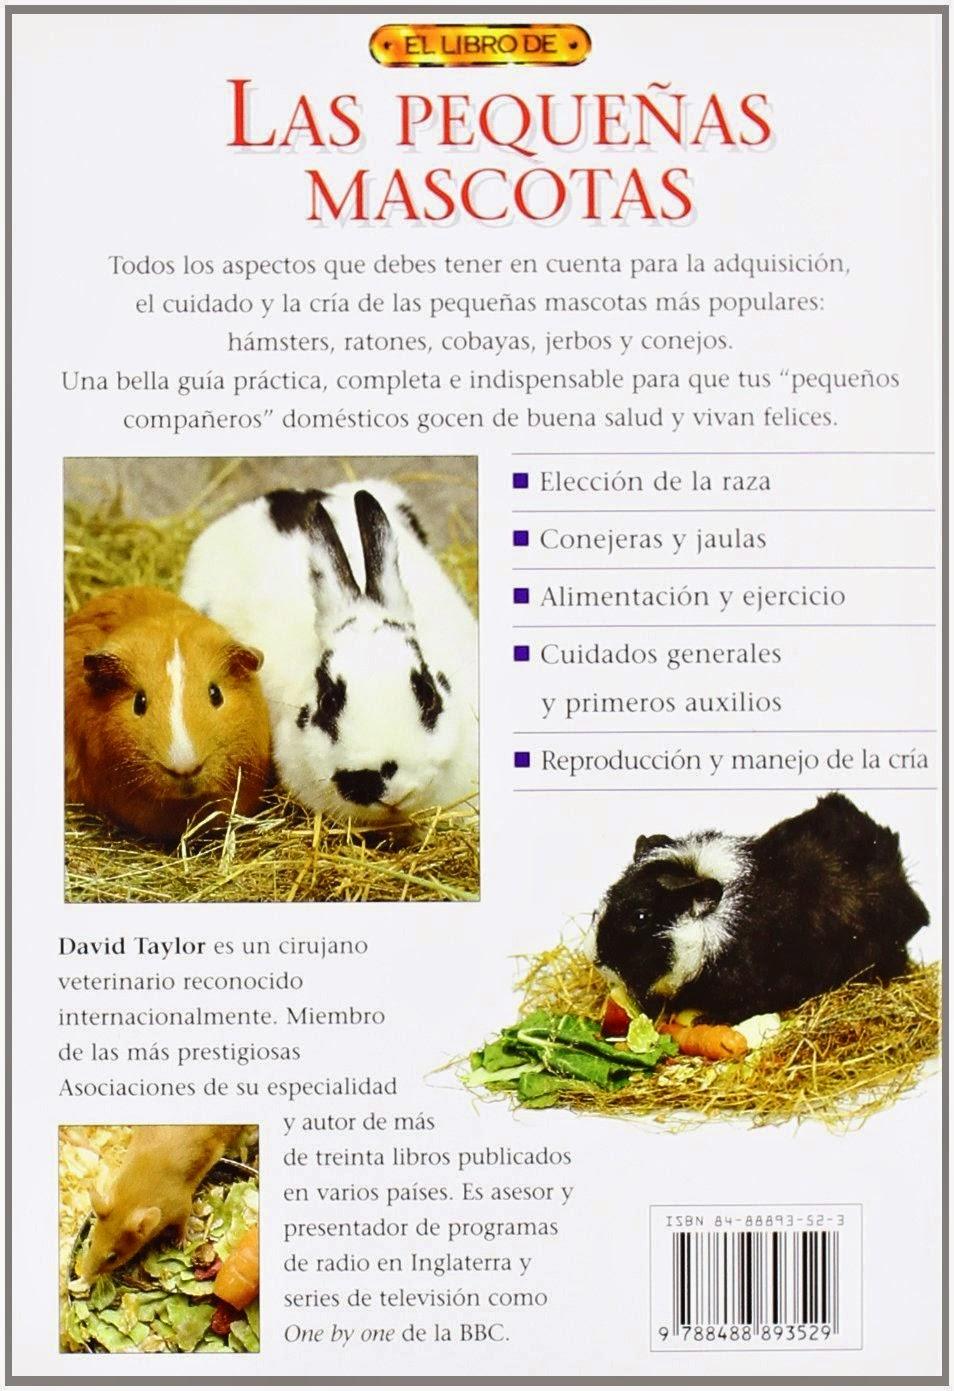 El libro de las pequeñas mascotas